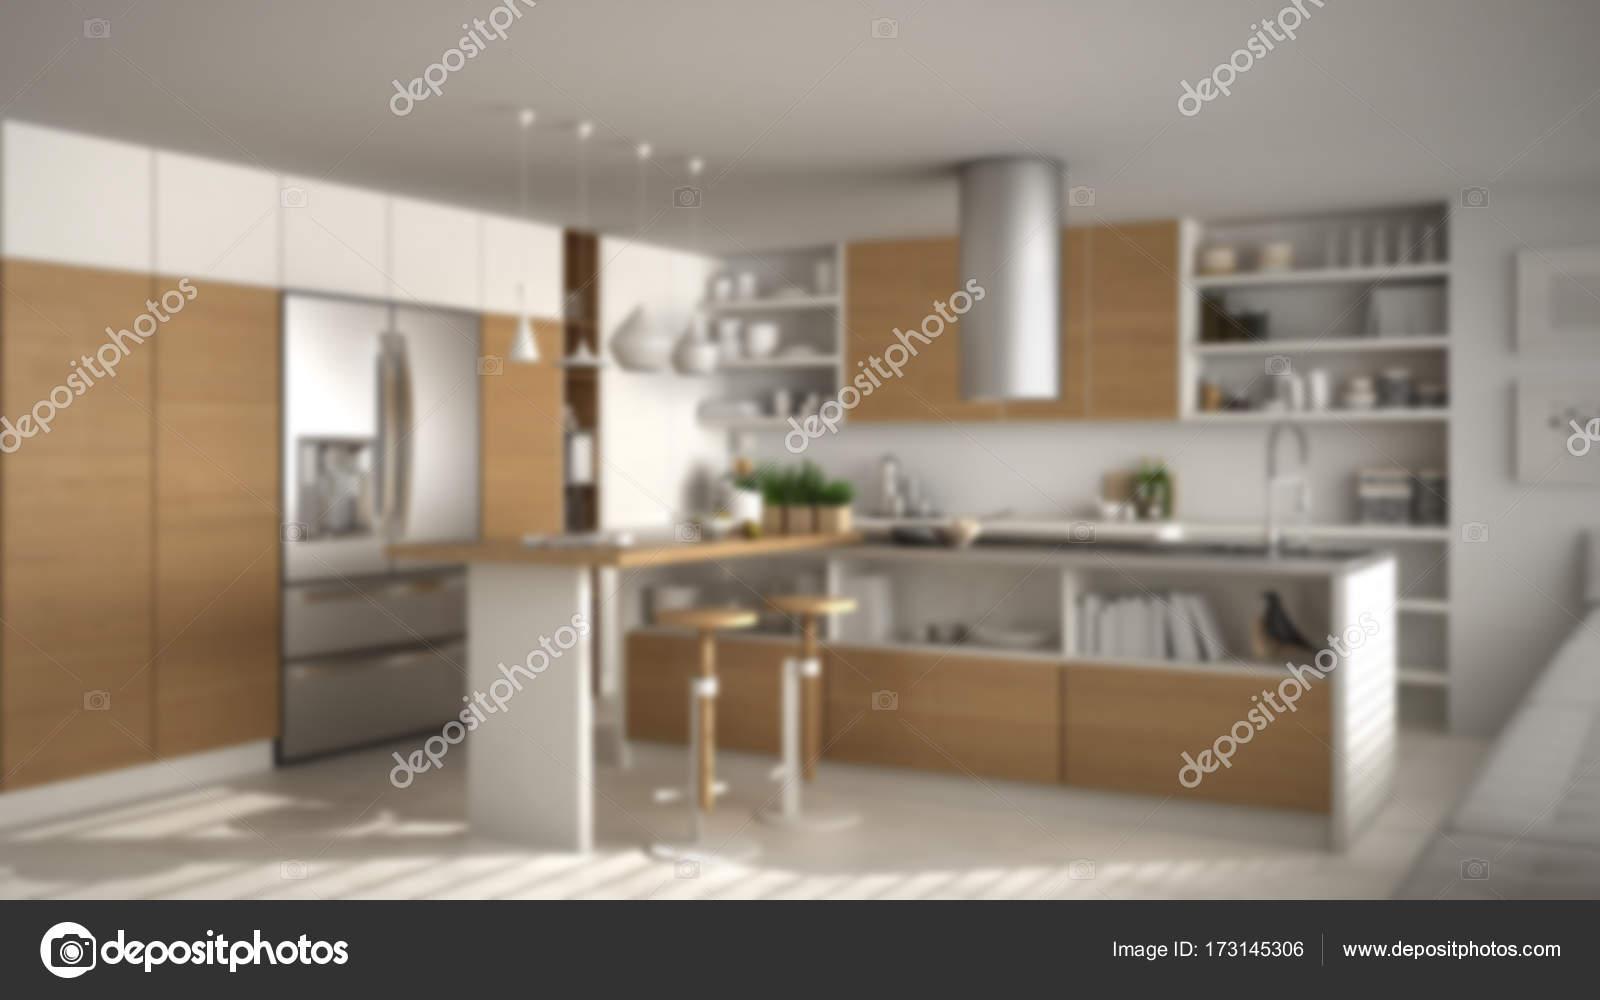 Desenfoque de fondo diseño de interiores, cocina moderna de madera ...